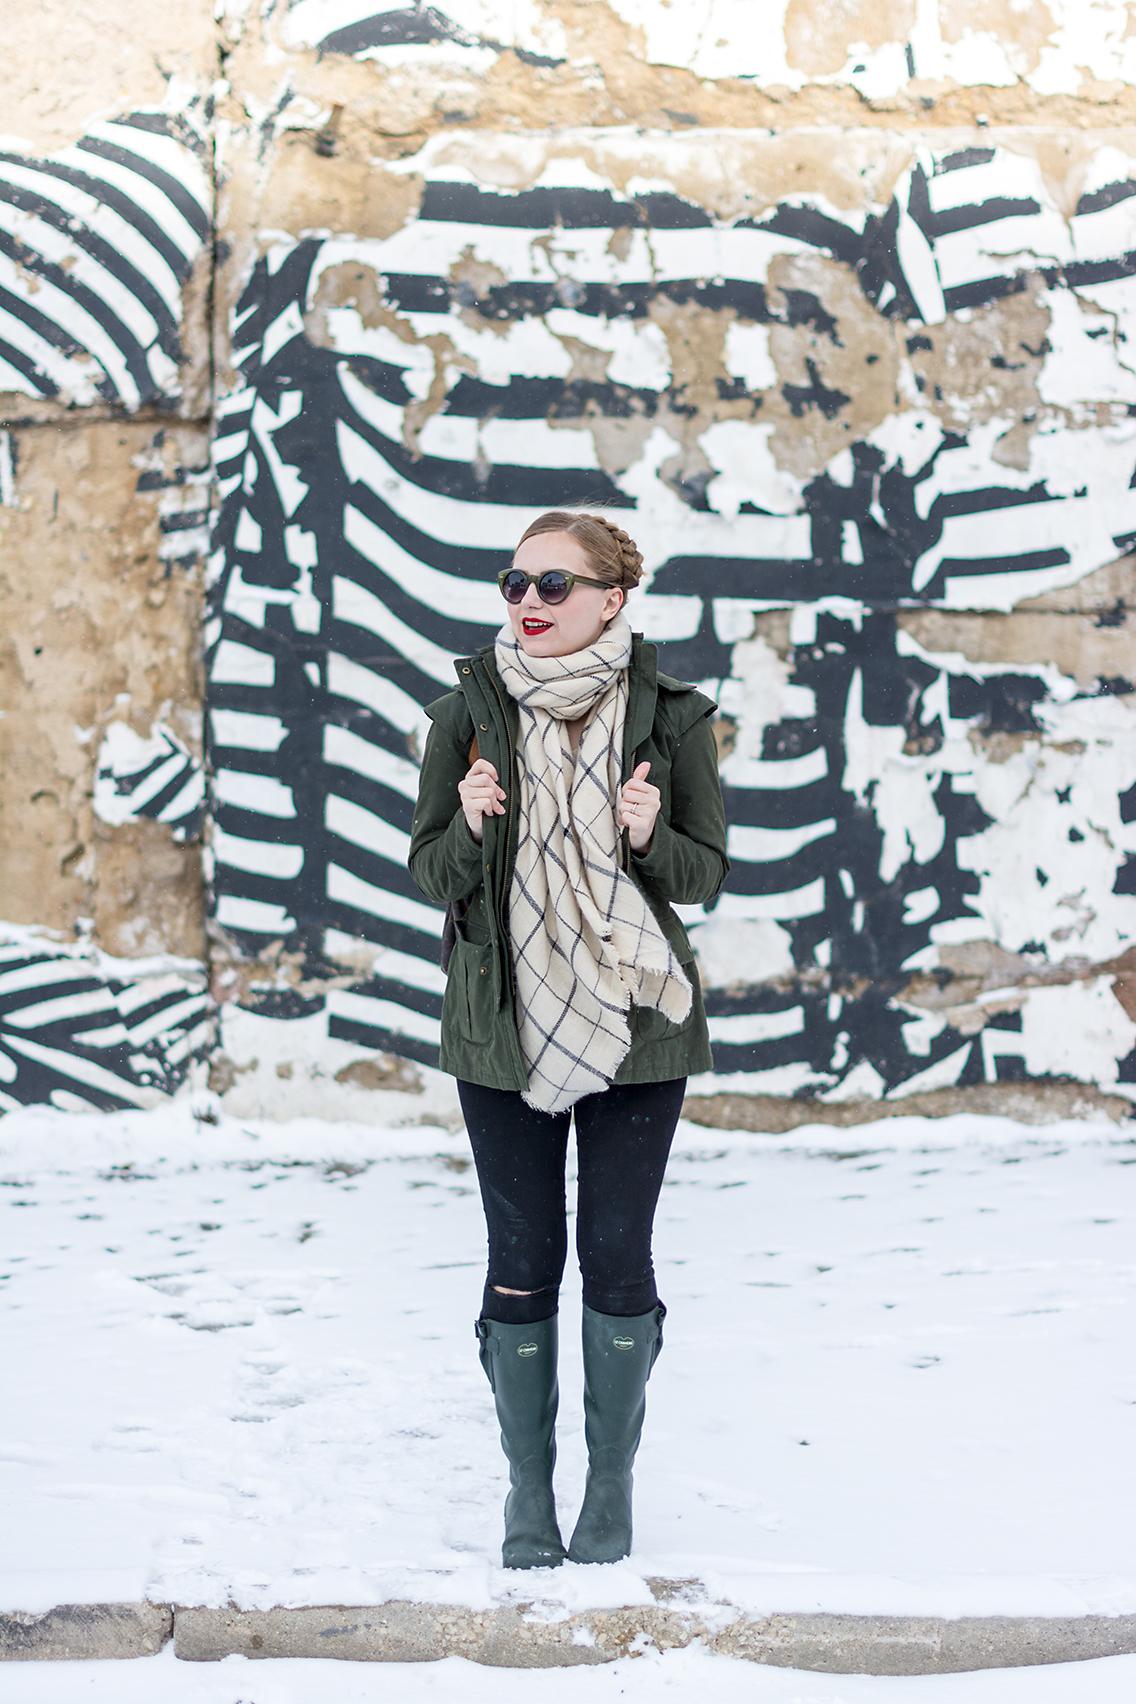 Barbour Louis Vuitton Le Chameau Winter 16